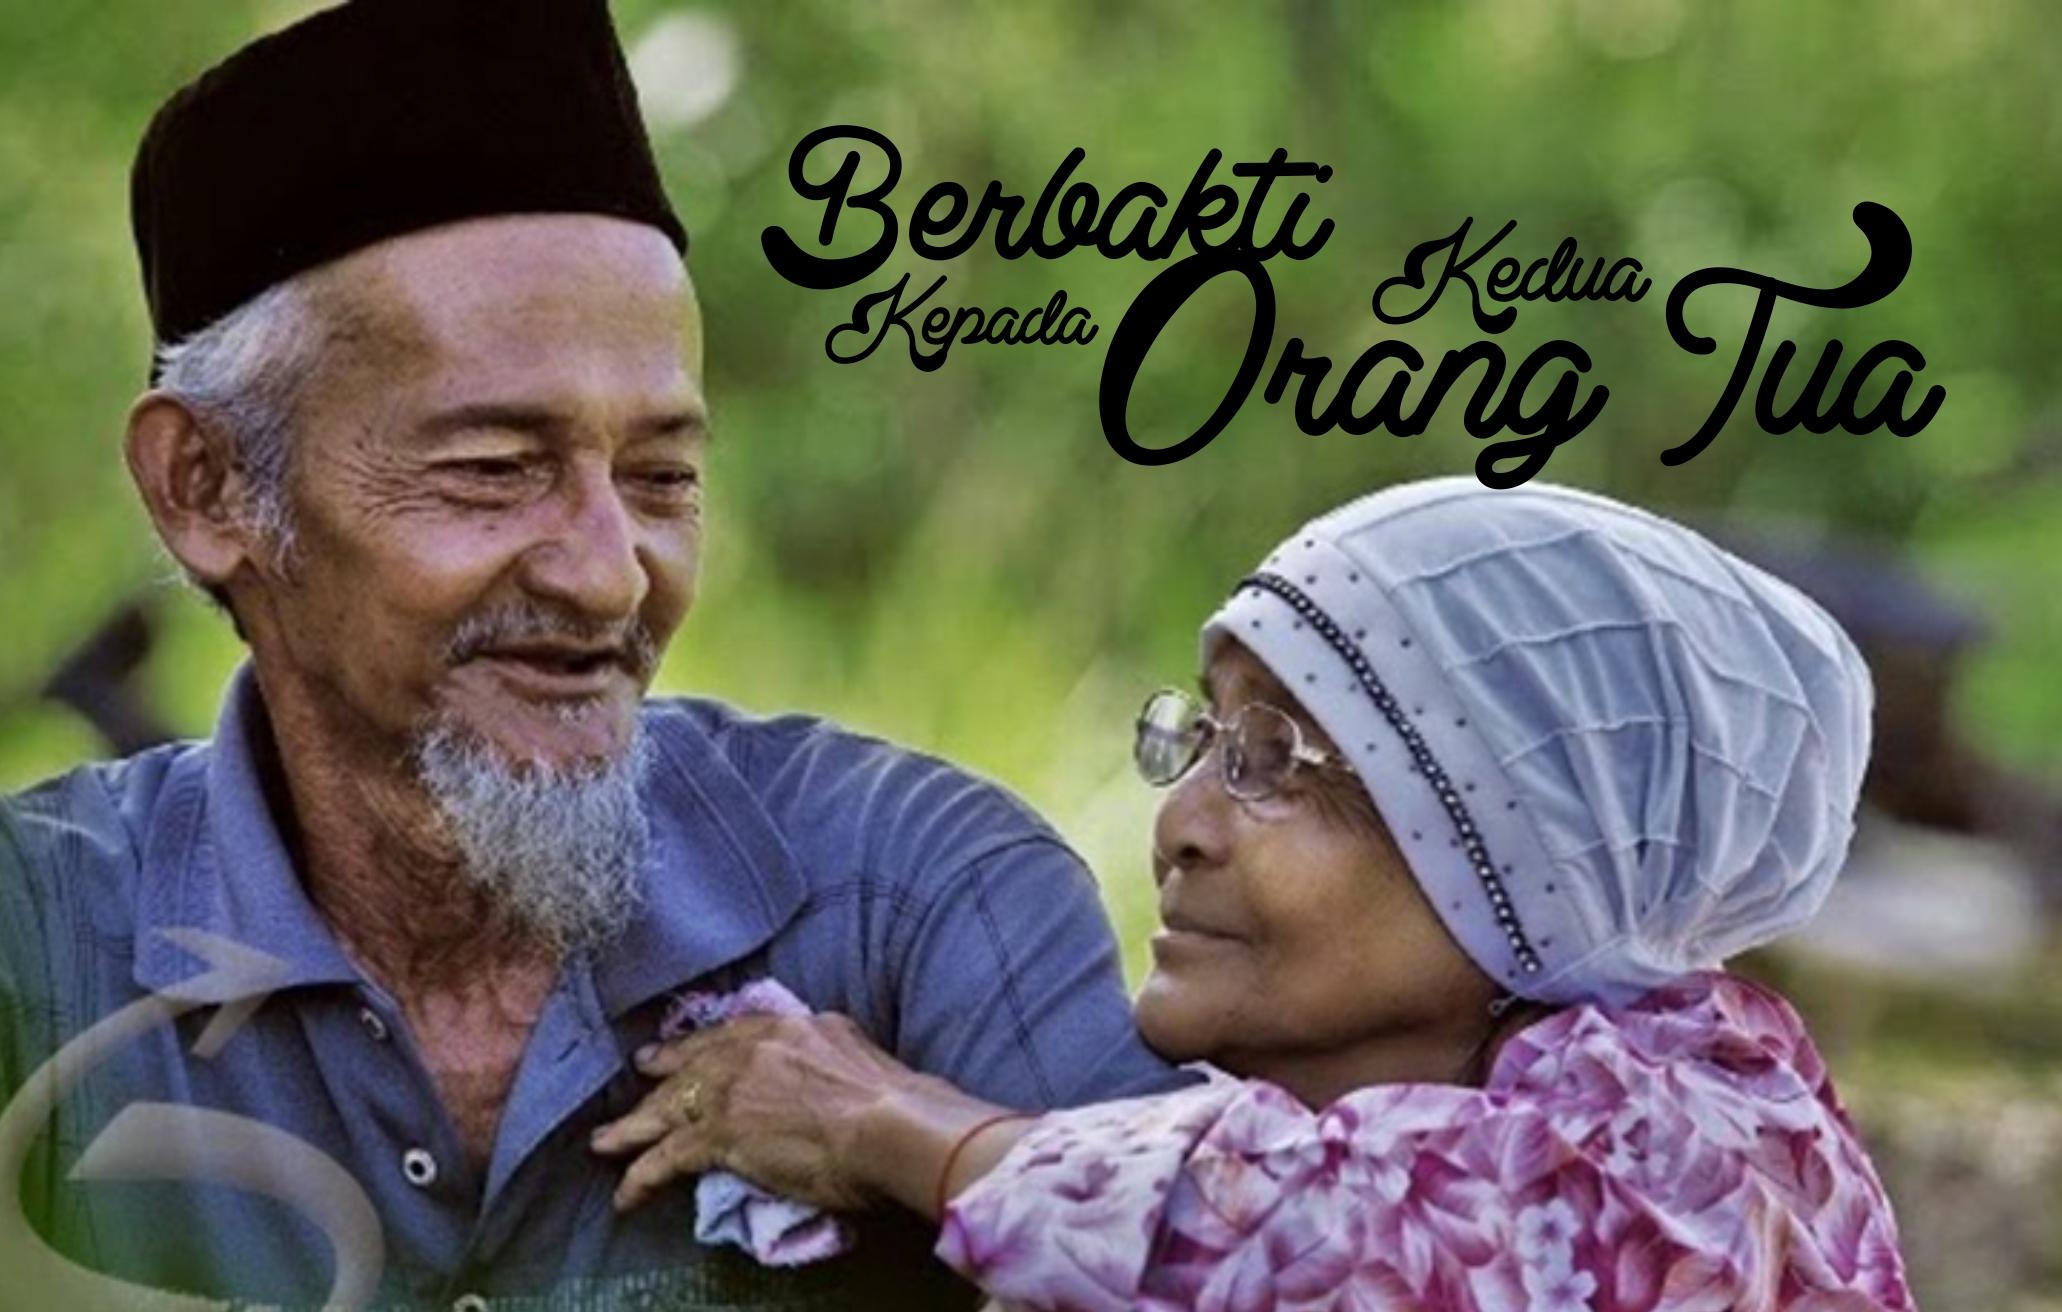 Berbakti Kepada Kedua Orang Tua Yayasan Amal Jariyah Indonesia